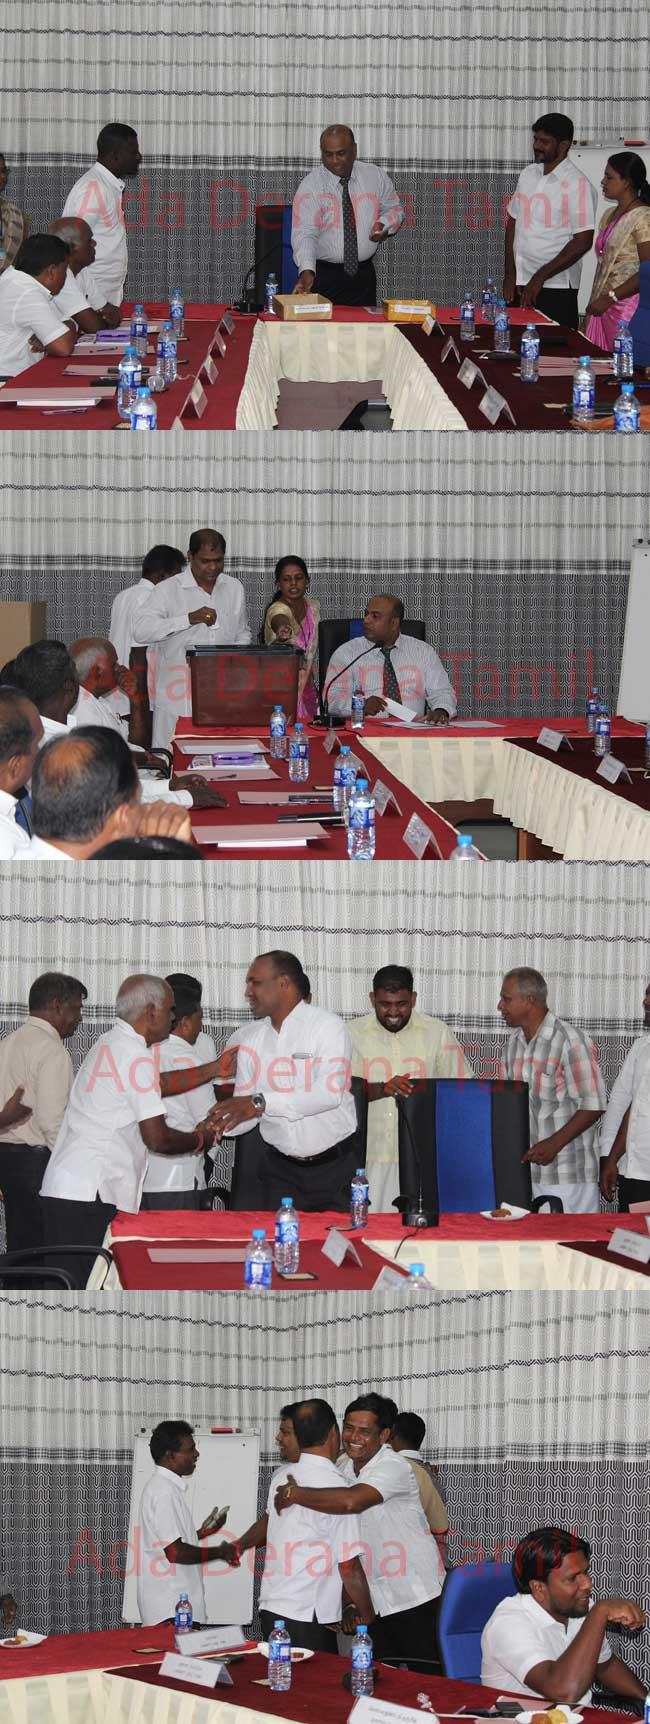 மன்னார் நகரசபை தமிழ் தேசியக்கூட்டமைப்பின் வசம் (படங்கள்)